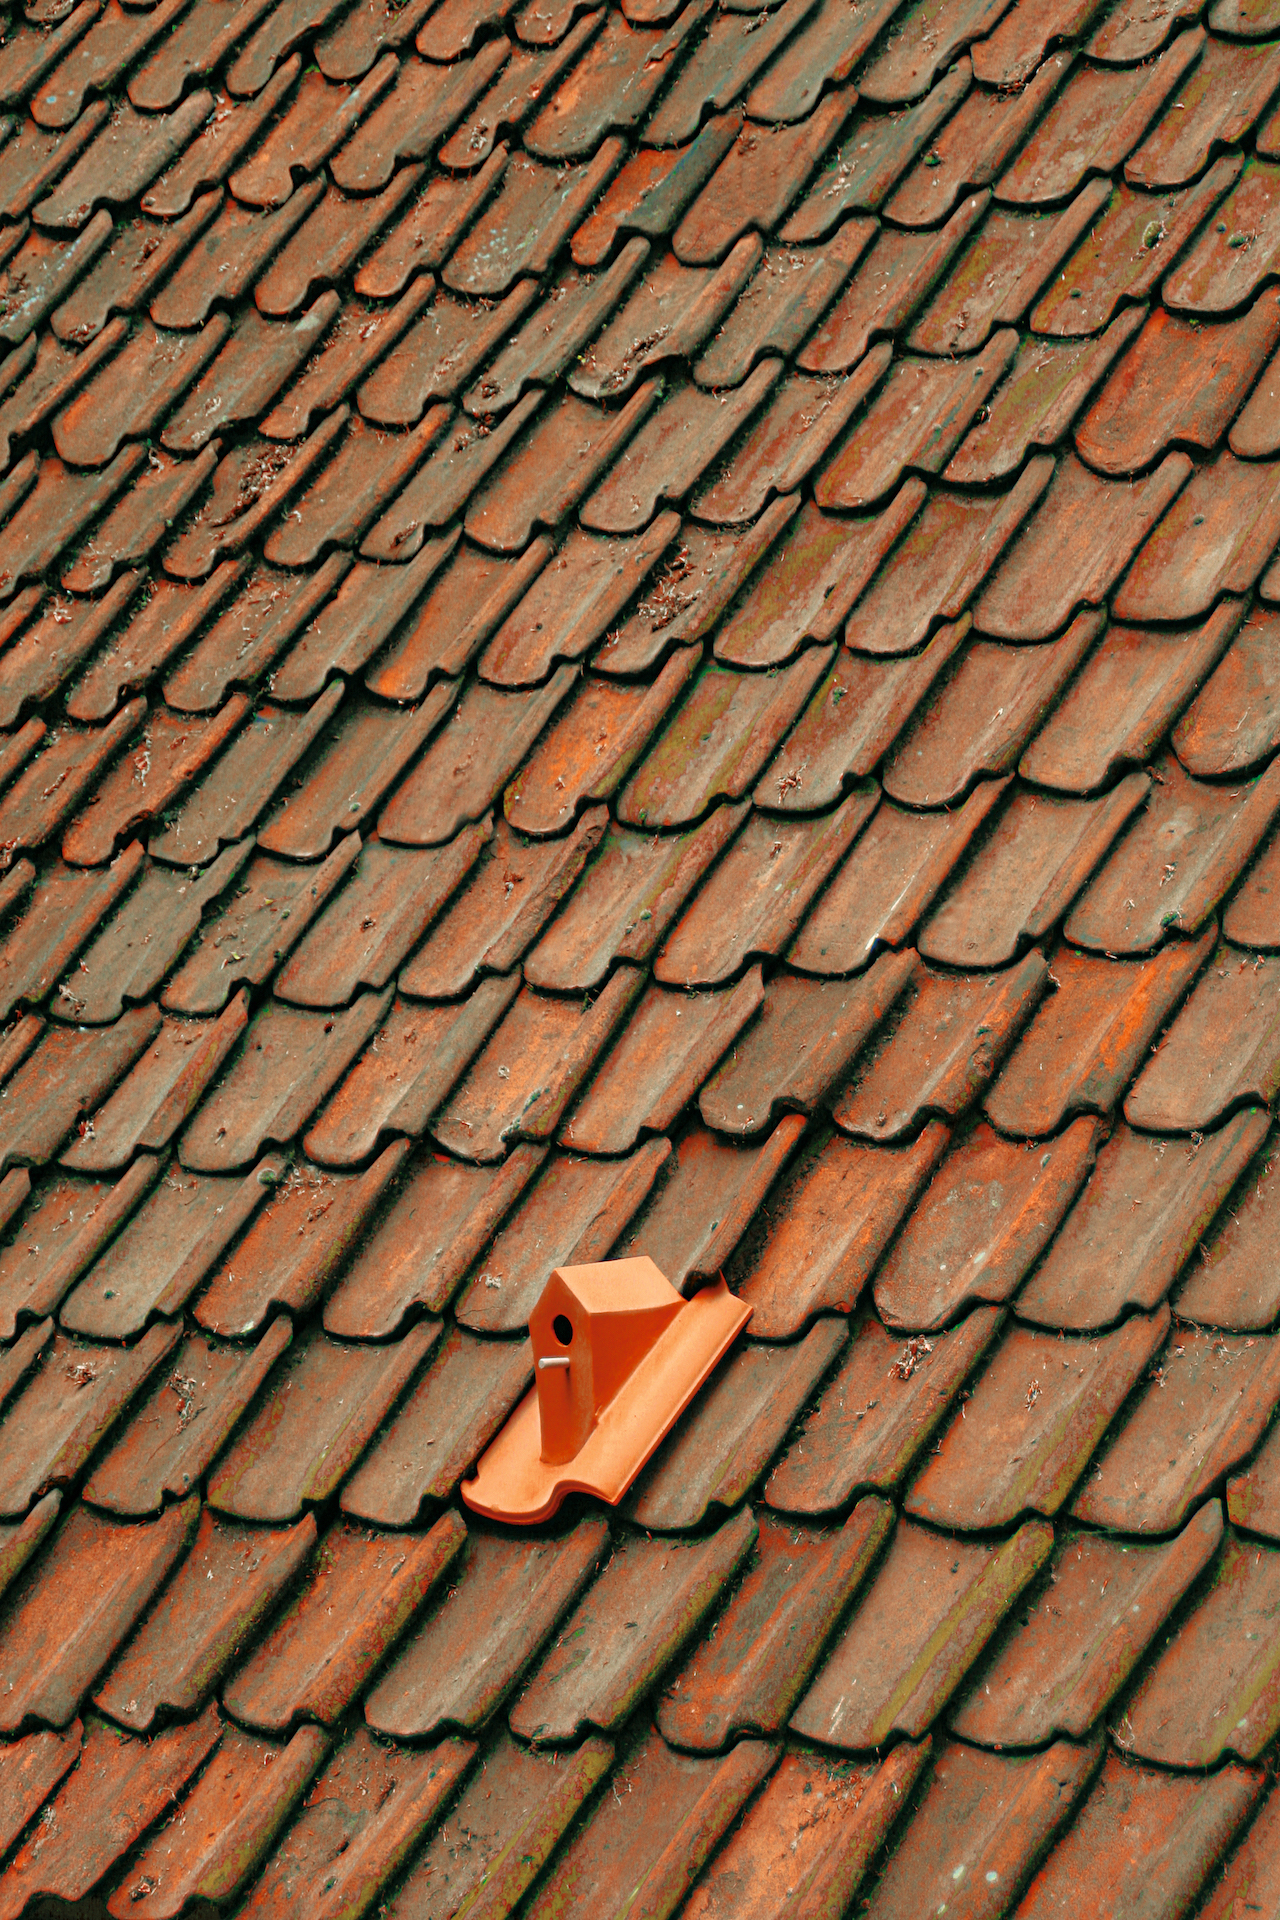 """Klaas Kuiken, """"Birdhouse Rooftile"""" (2010) in Arnhem, The Netherlands (or elsewhere) (photo by Klaas Kuiken) (click to enlarge)"""